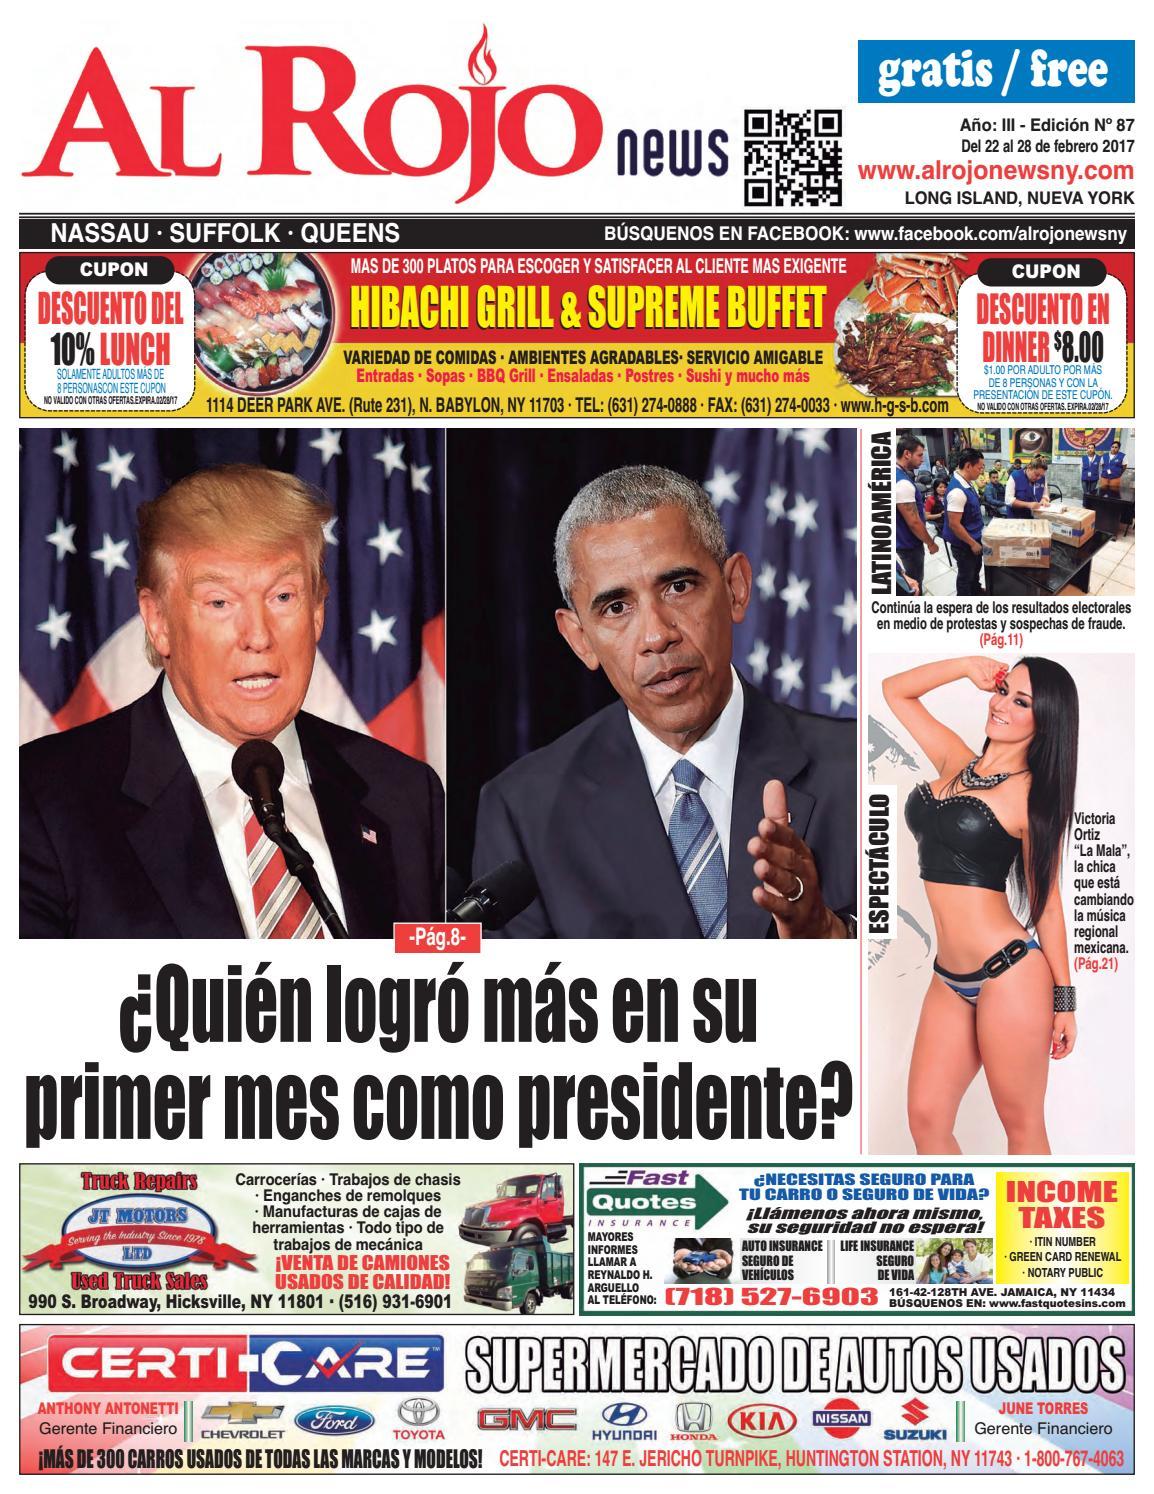 Al Rojo News año III edición 87 by Jose Rivas - issuu